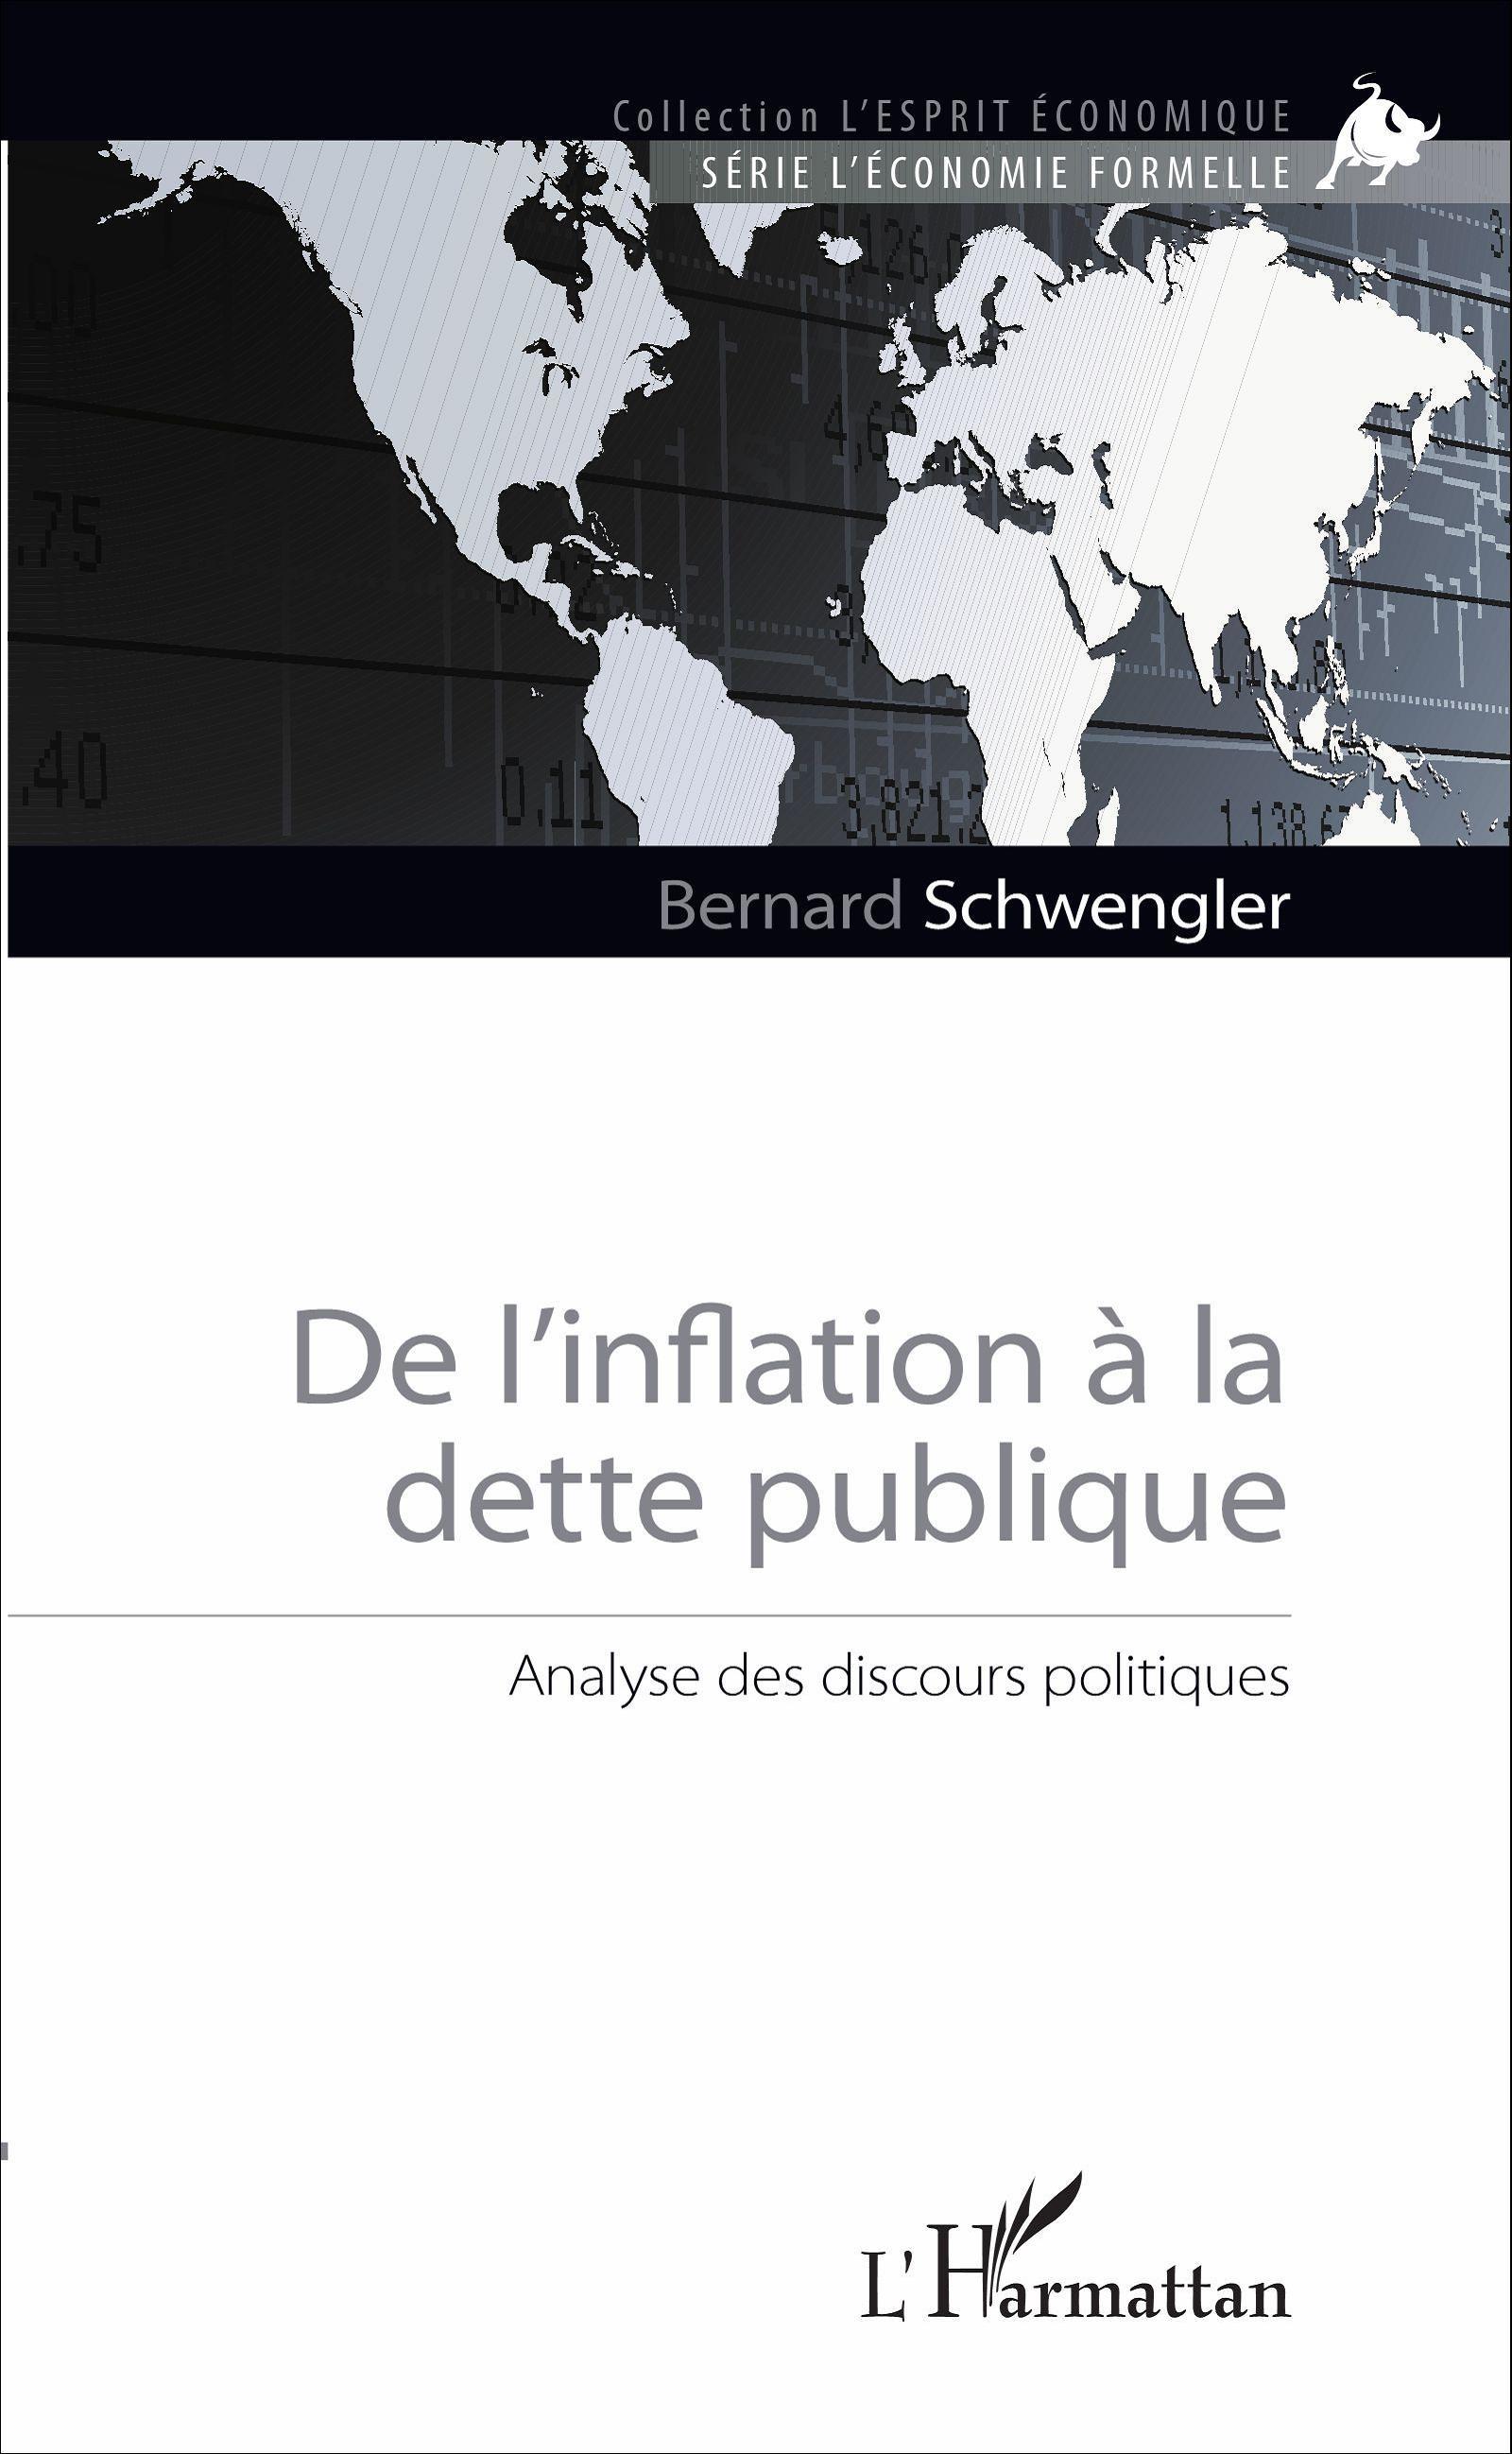 comment analyser un discours politique pdf